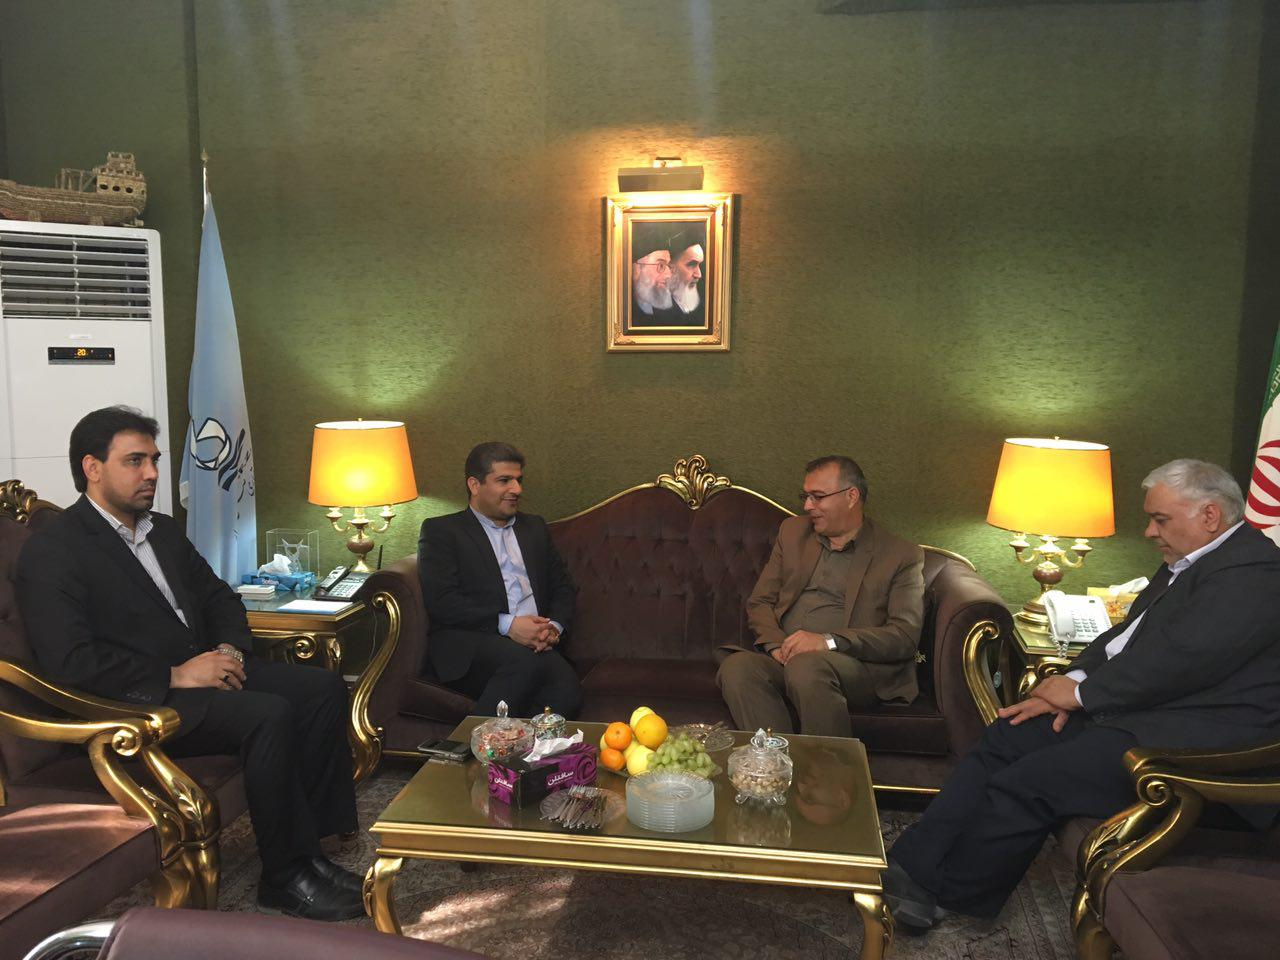 نشست مشترک مدیرعامل منطقه آزاد چابهار، مدیرکل مالی دانشگاه پیام نور و رئیس دانشگاه پیام نور سیستان و بلوچستان